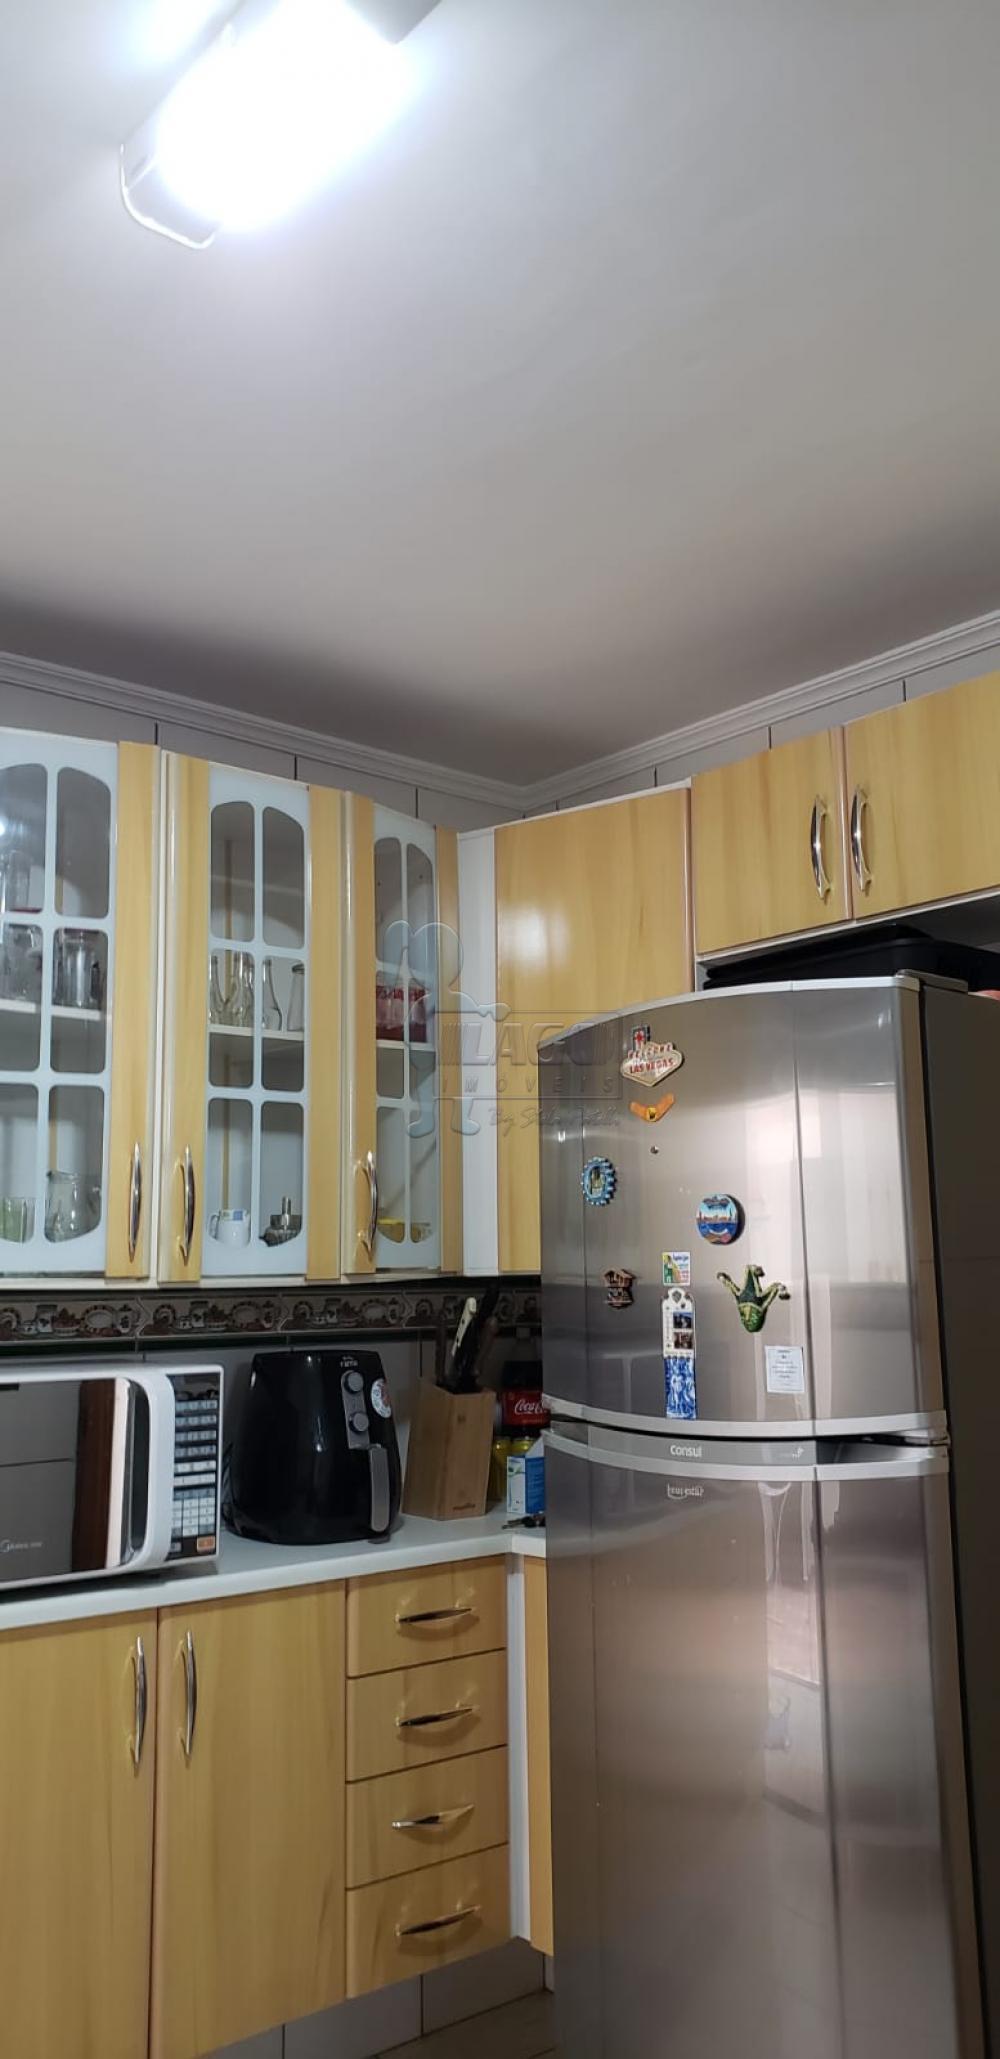 Comprar Apartamento / Padrão em Ribeirão Preto R$ 360.000,00 - Foto 20